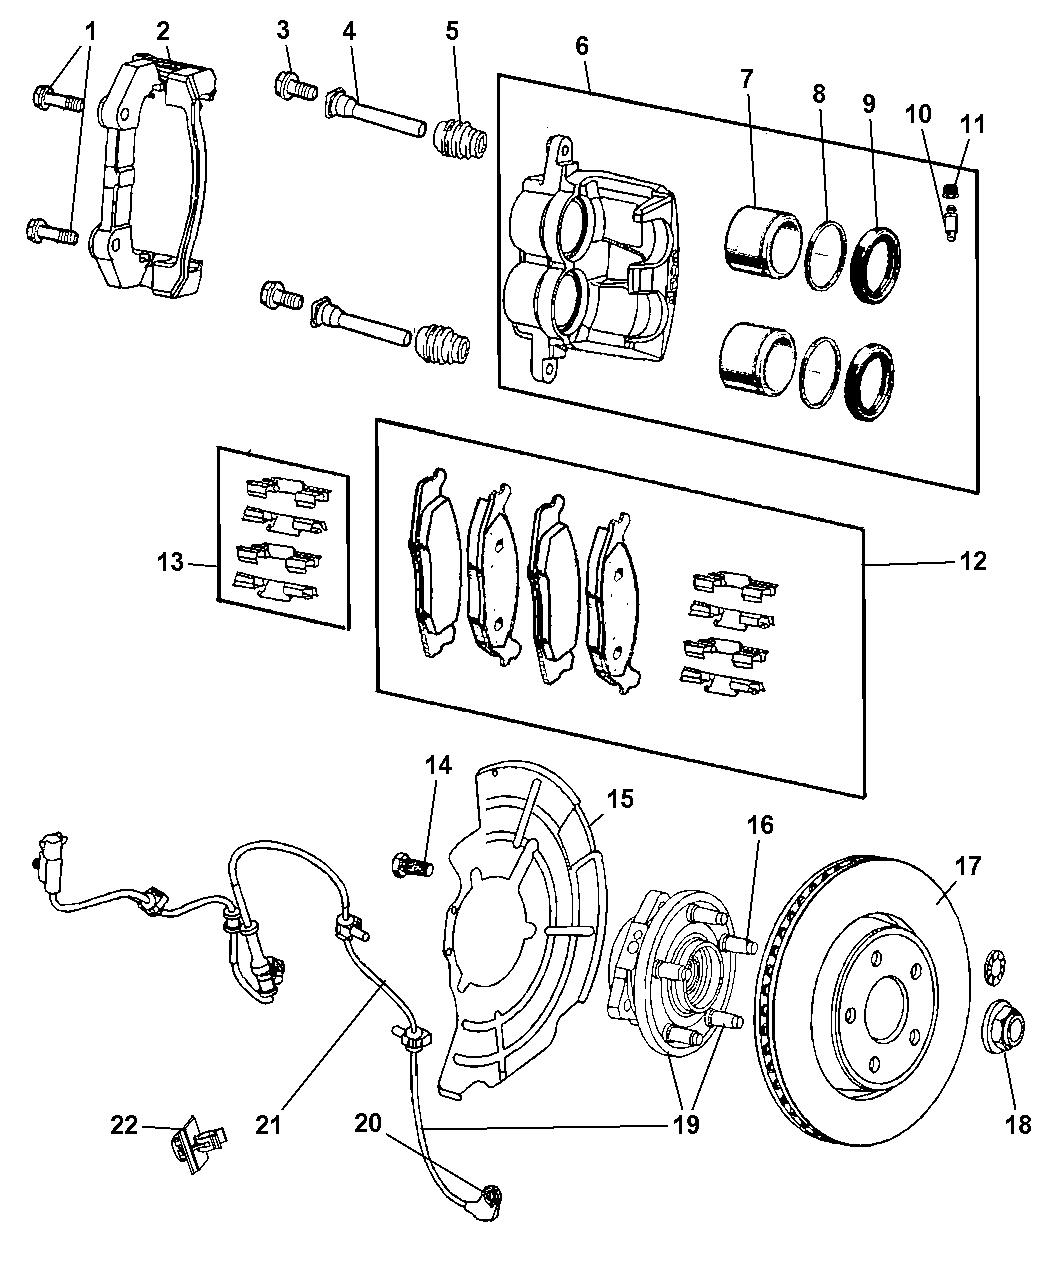 2009 Jeep Commander Front Brakes Mopar Parts Giant Fuse Diagram